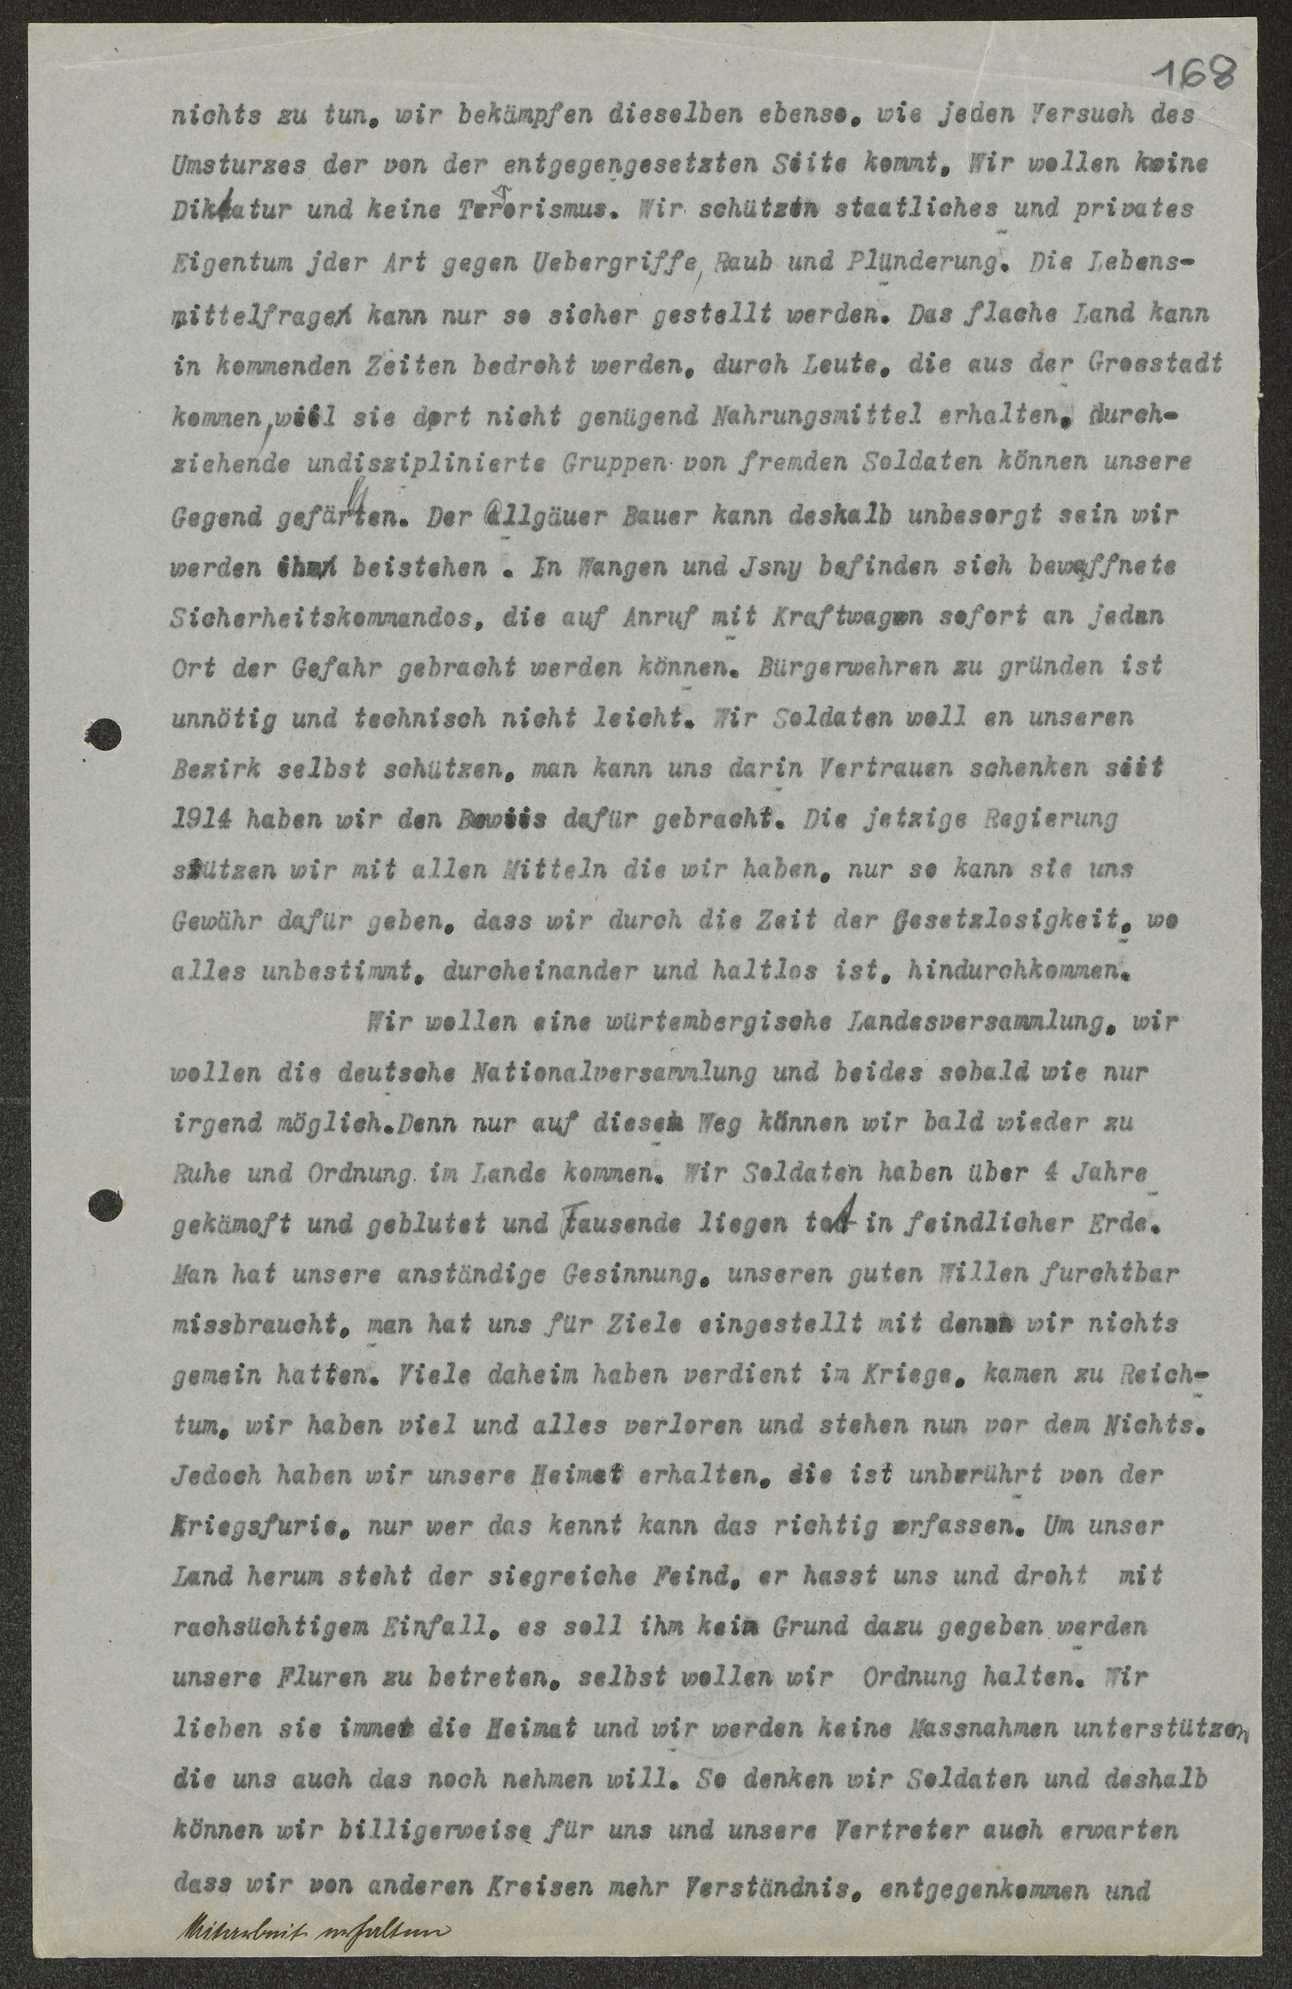 Erklärung über die Ziele des Soldatenrats, Bild 2